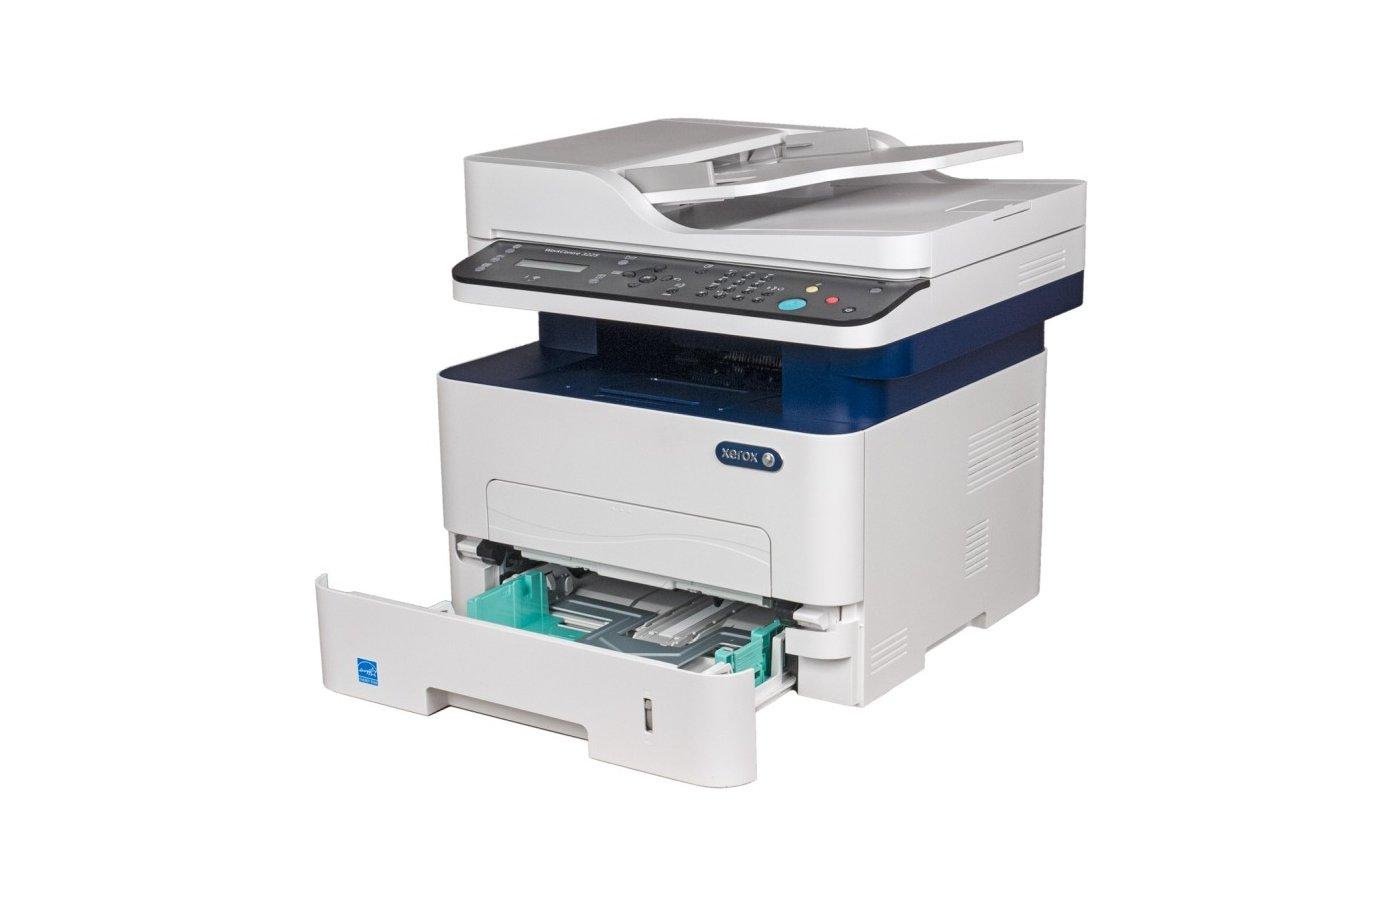 Xerox WorkCentre 322DNI.